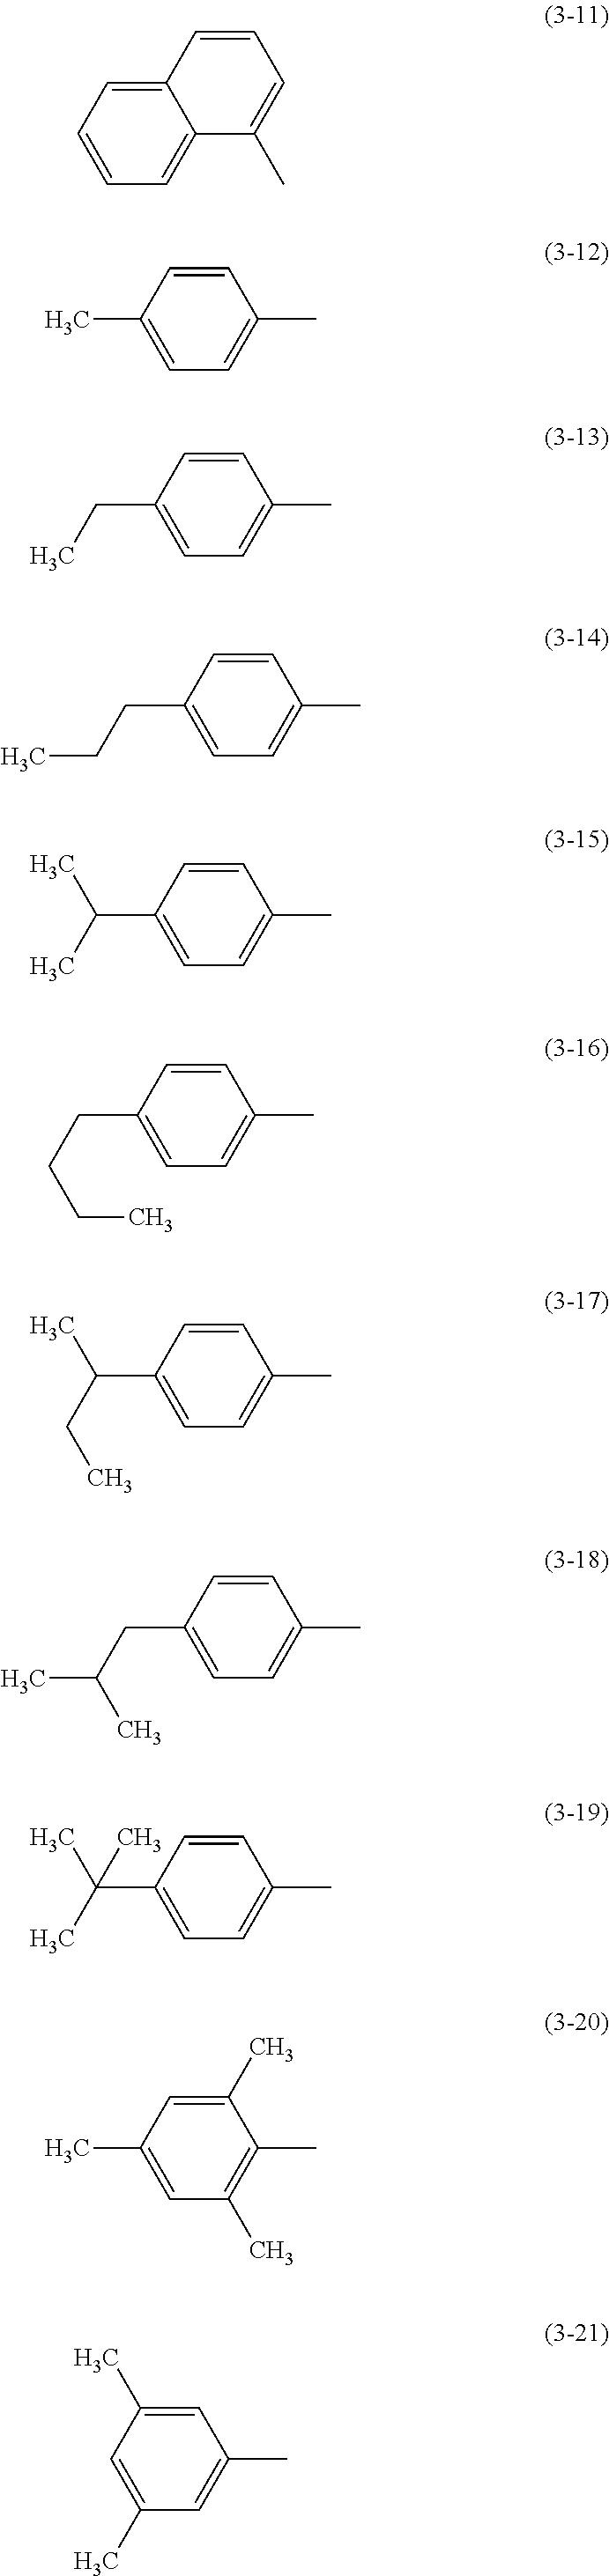 Figure US08551625-20131008-C00041